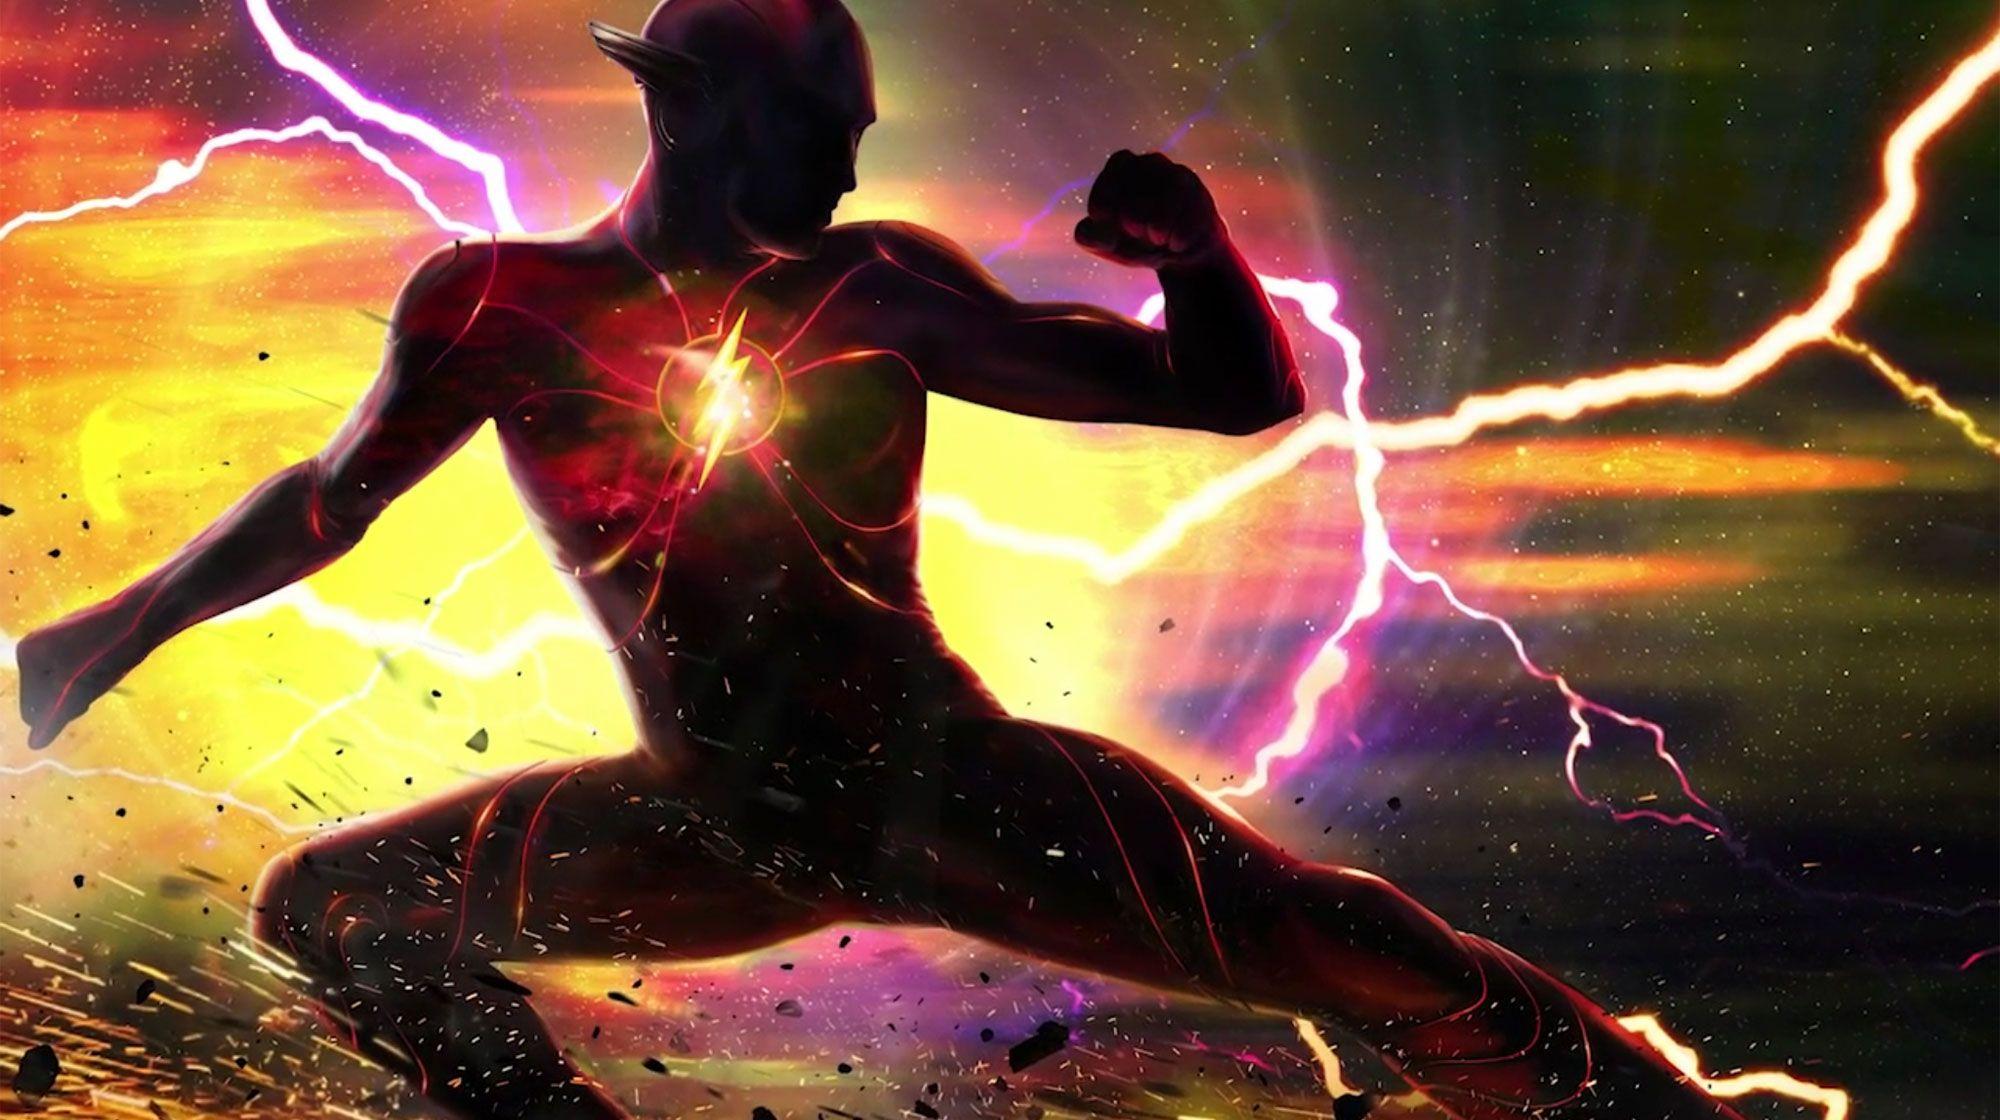 O Flash: o novo traje de Ezra Miller feito pelo Batman revelado em uma impressionante arte conceitual 2